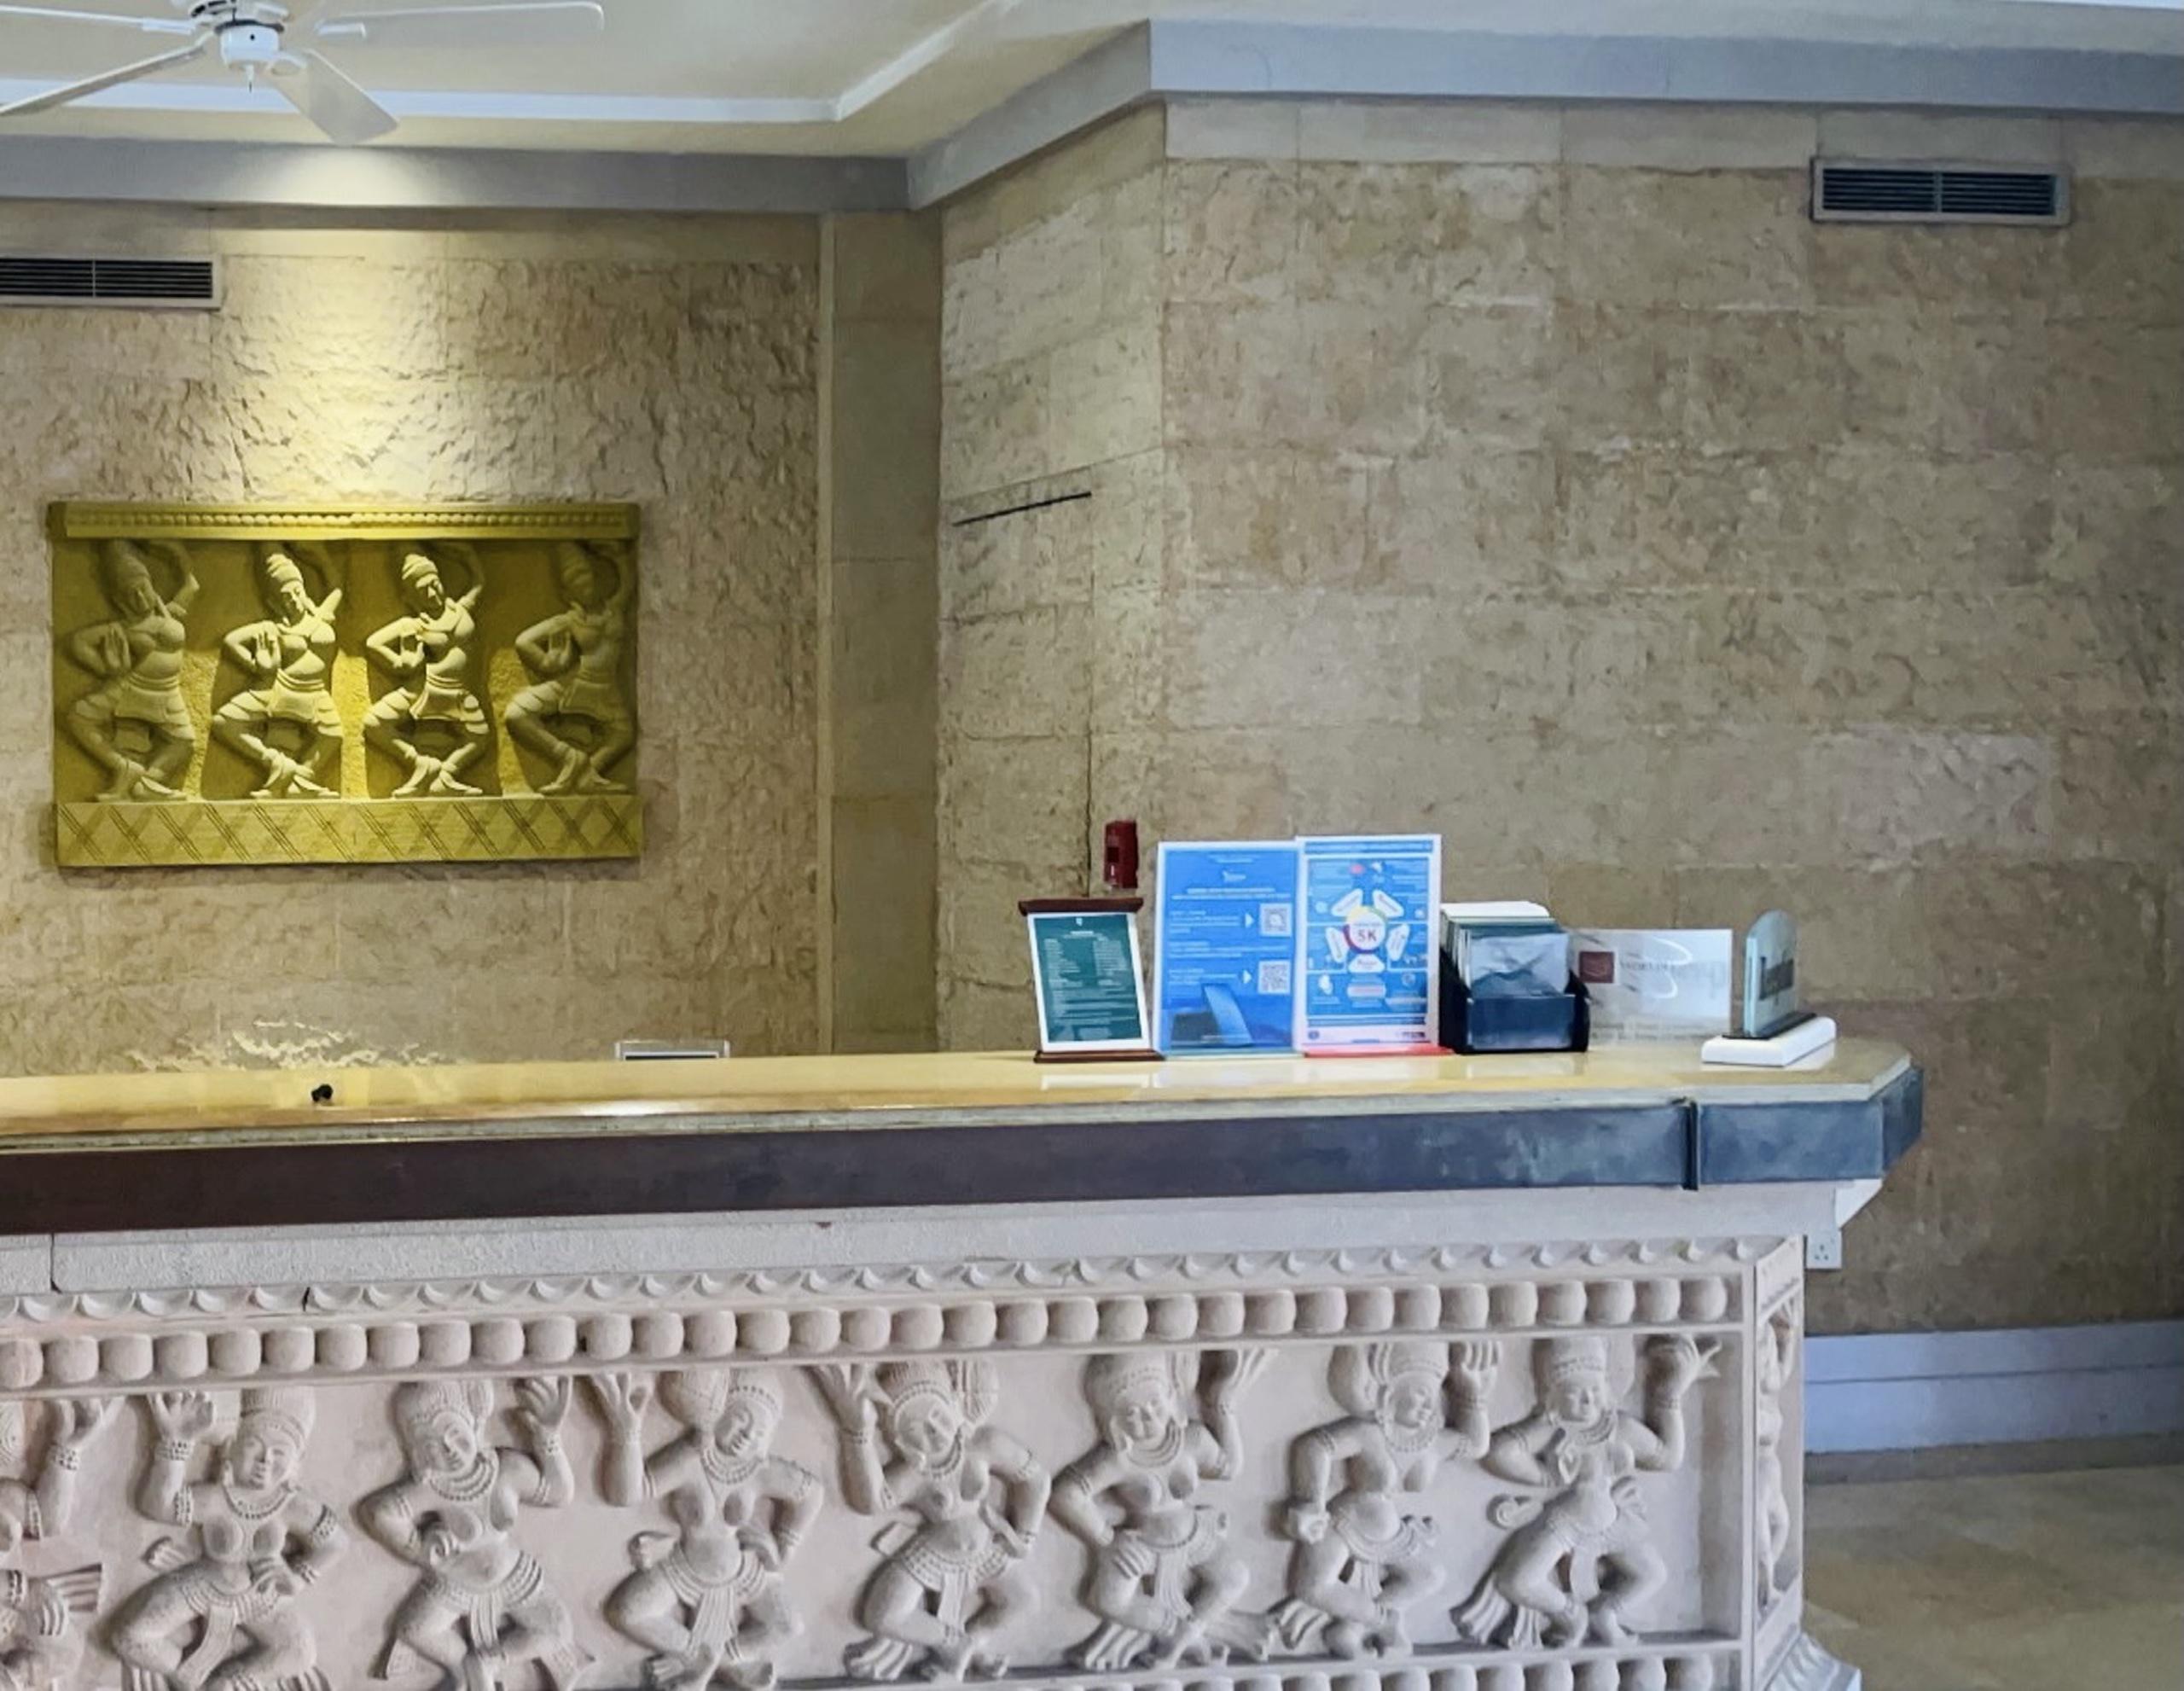 Các cơ sở lưu trú du lịch tích cực thực hiện đăng ký và tự đánh giá an toàn Covid-19